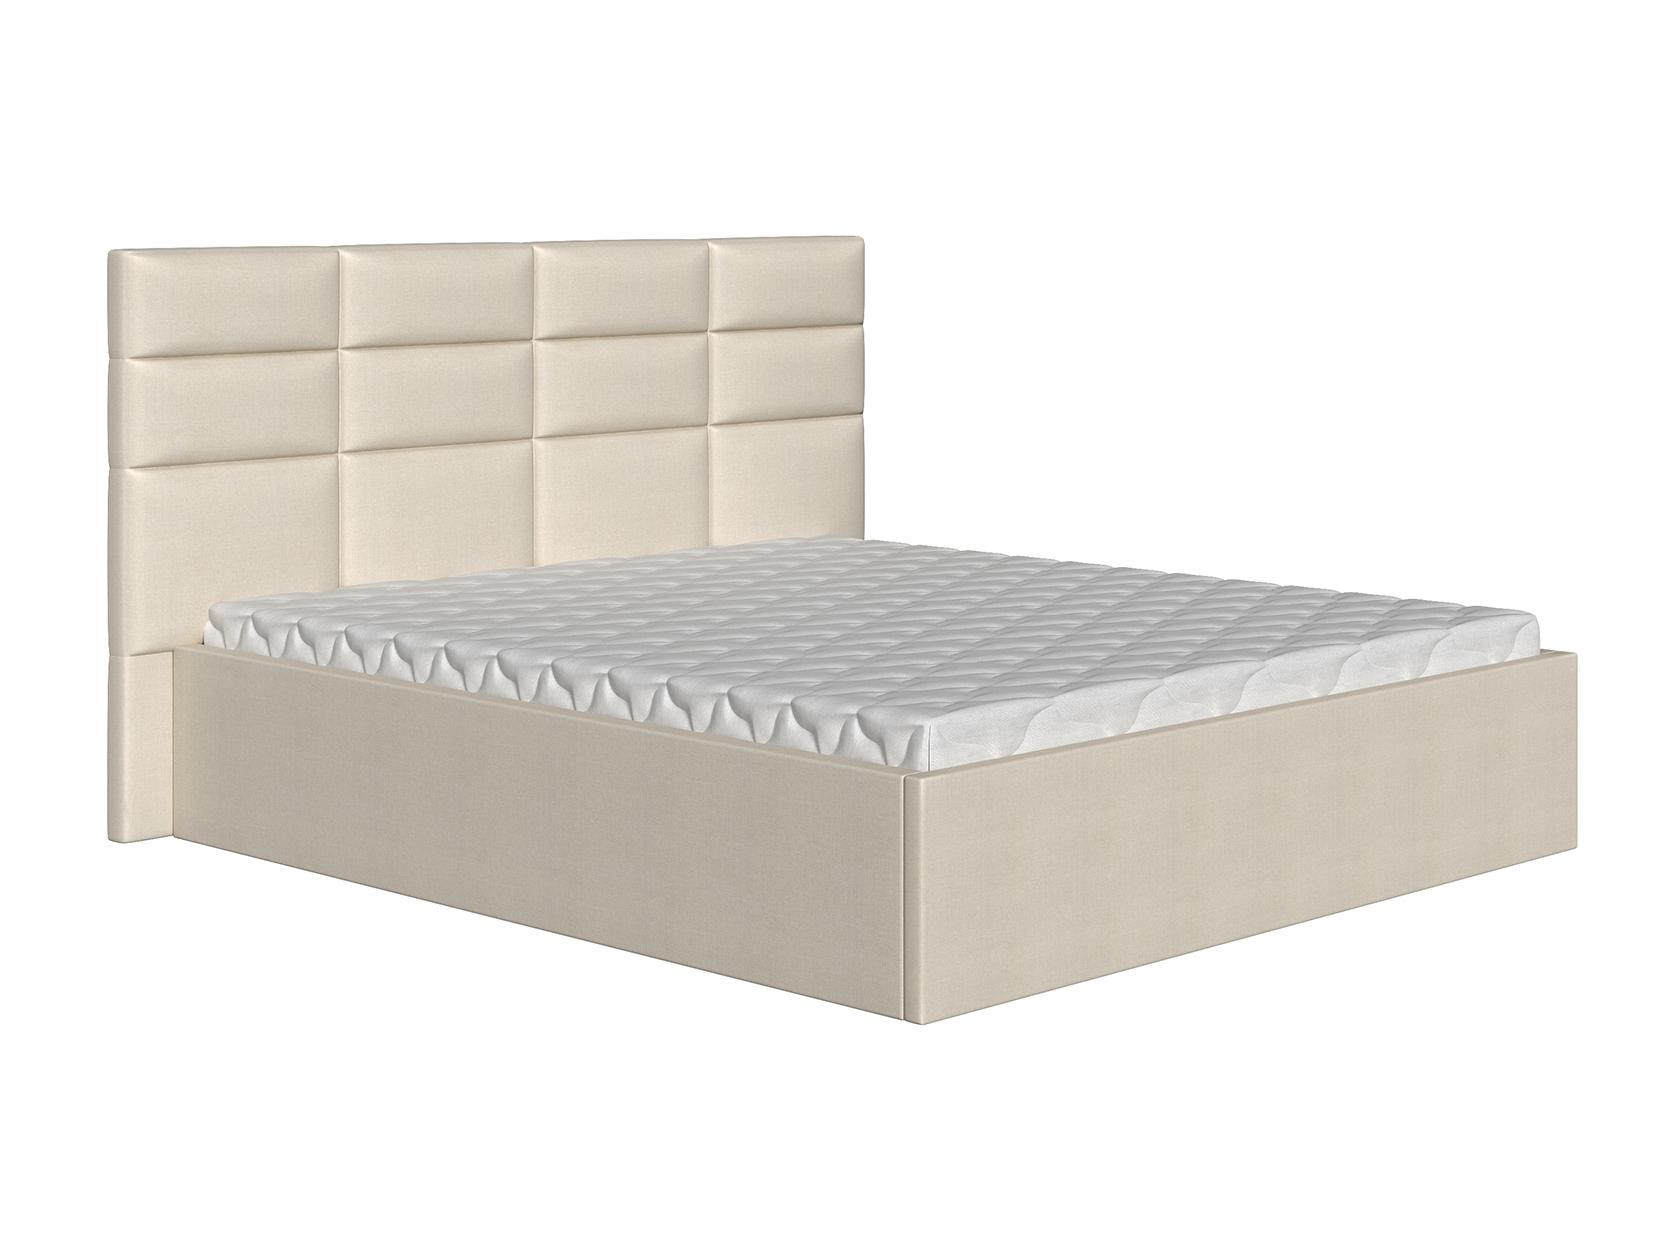 Двуспальная кровать Коста Бежевый, рогожка, 160х200 см